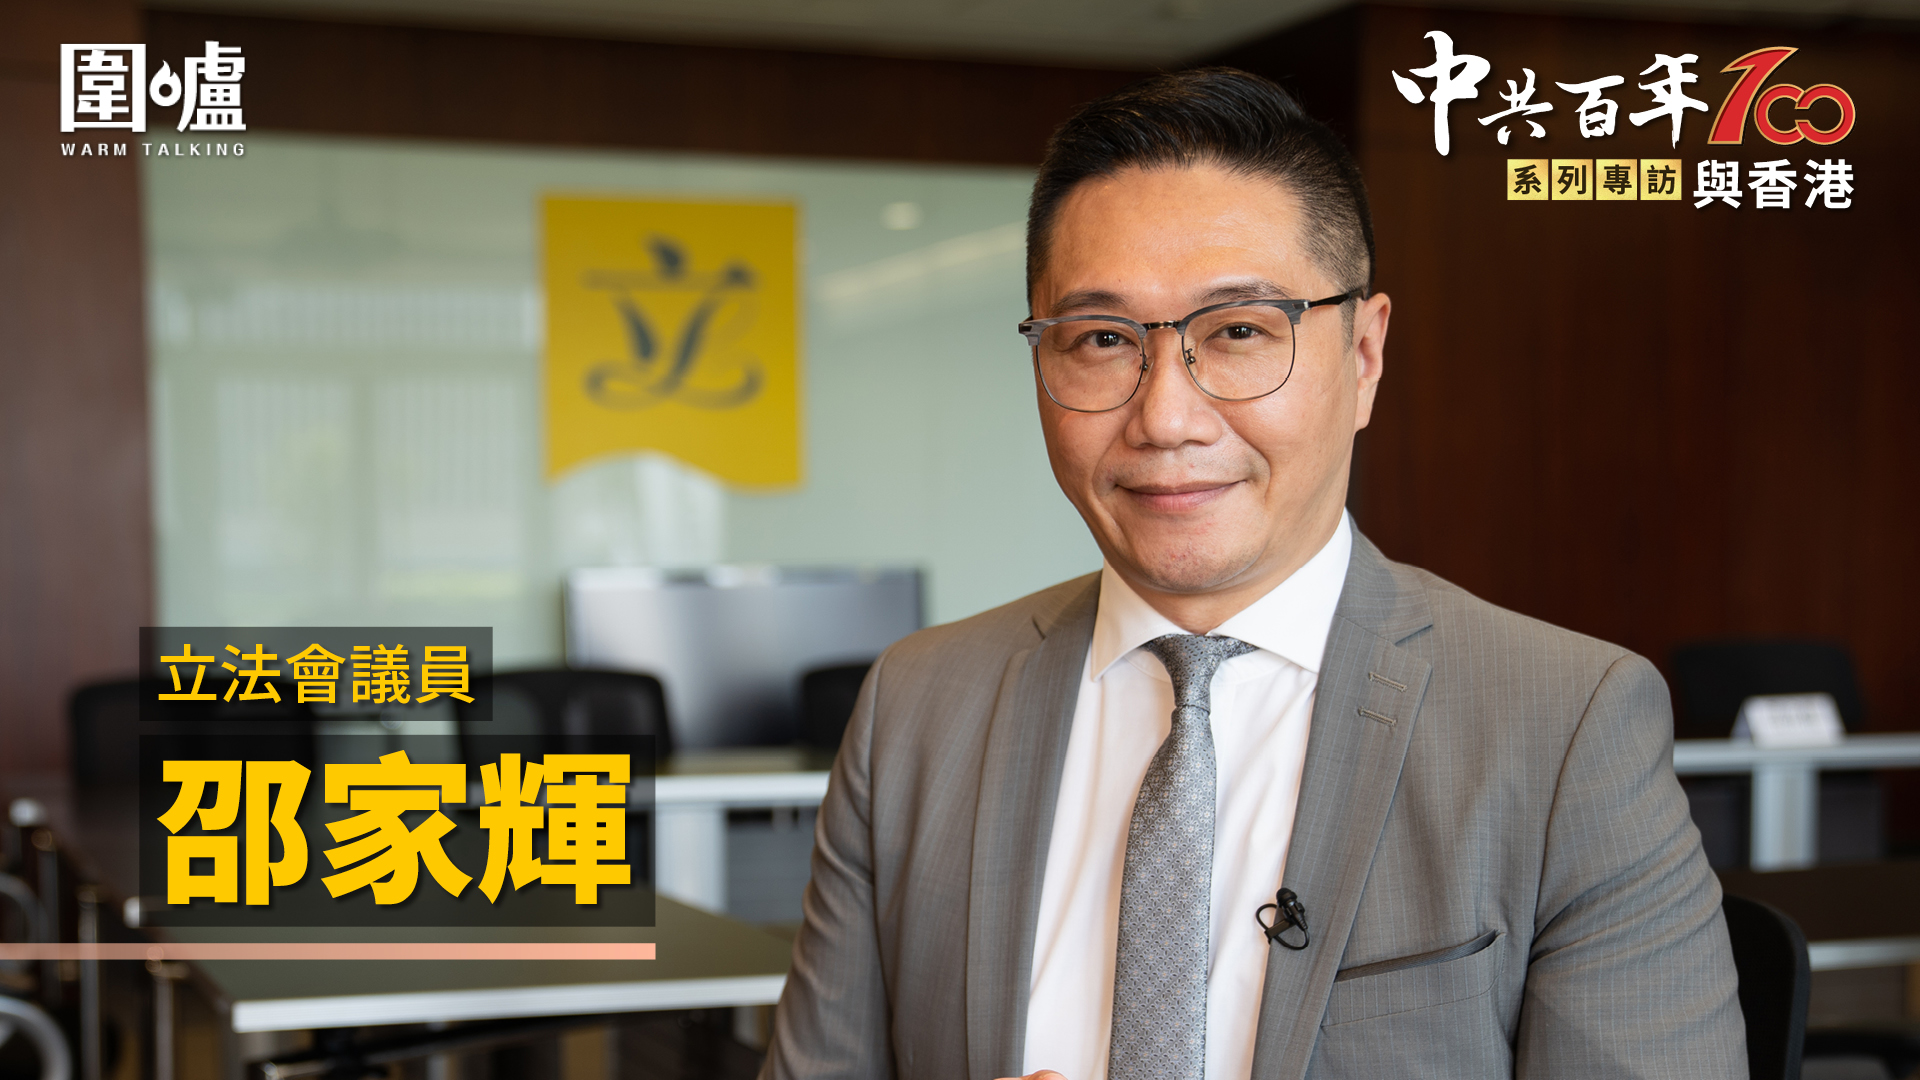 【專訪】邵家輝:港人應思考如何發揮所長融入大灣區機遇